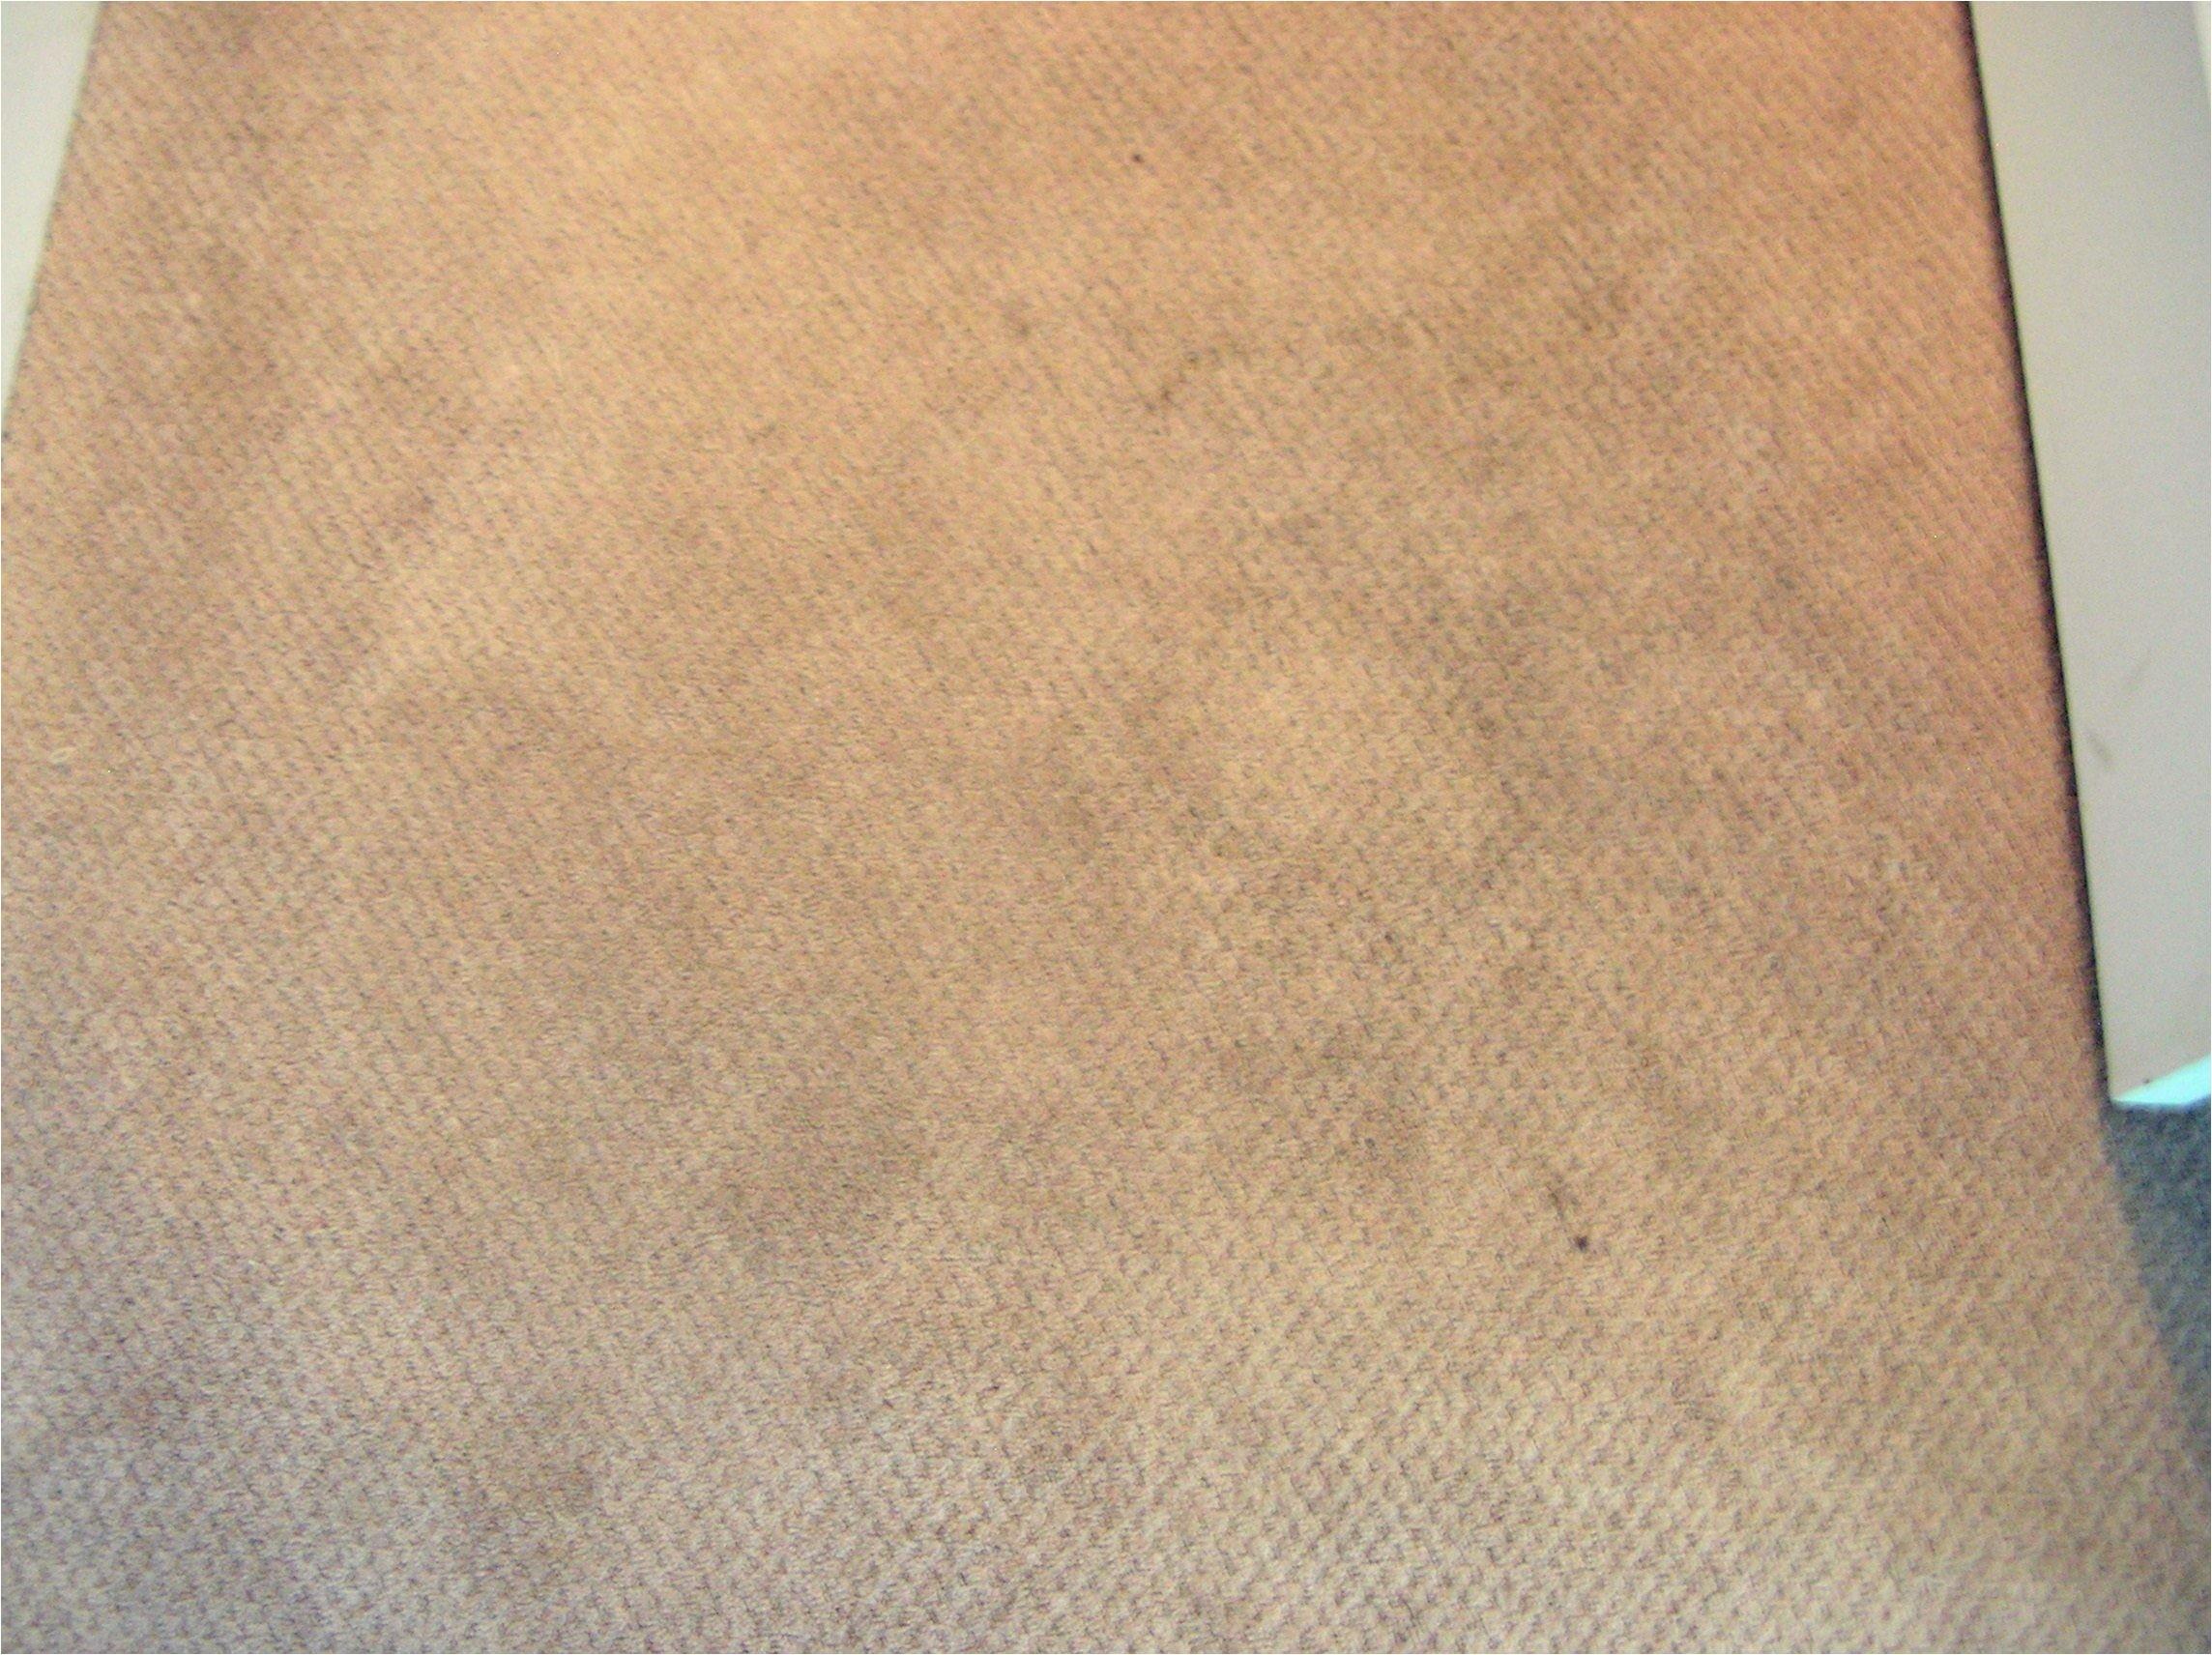 mohawk carpet warranty complaints